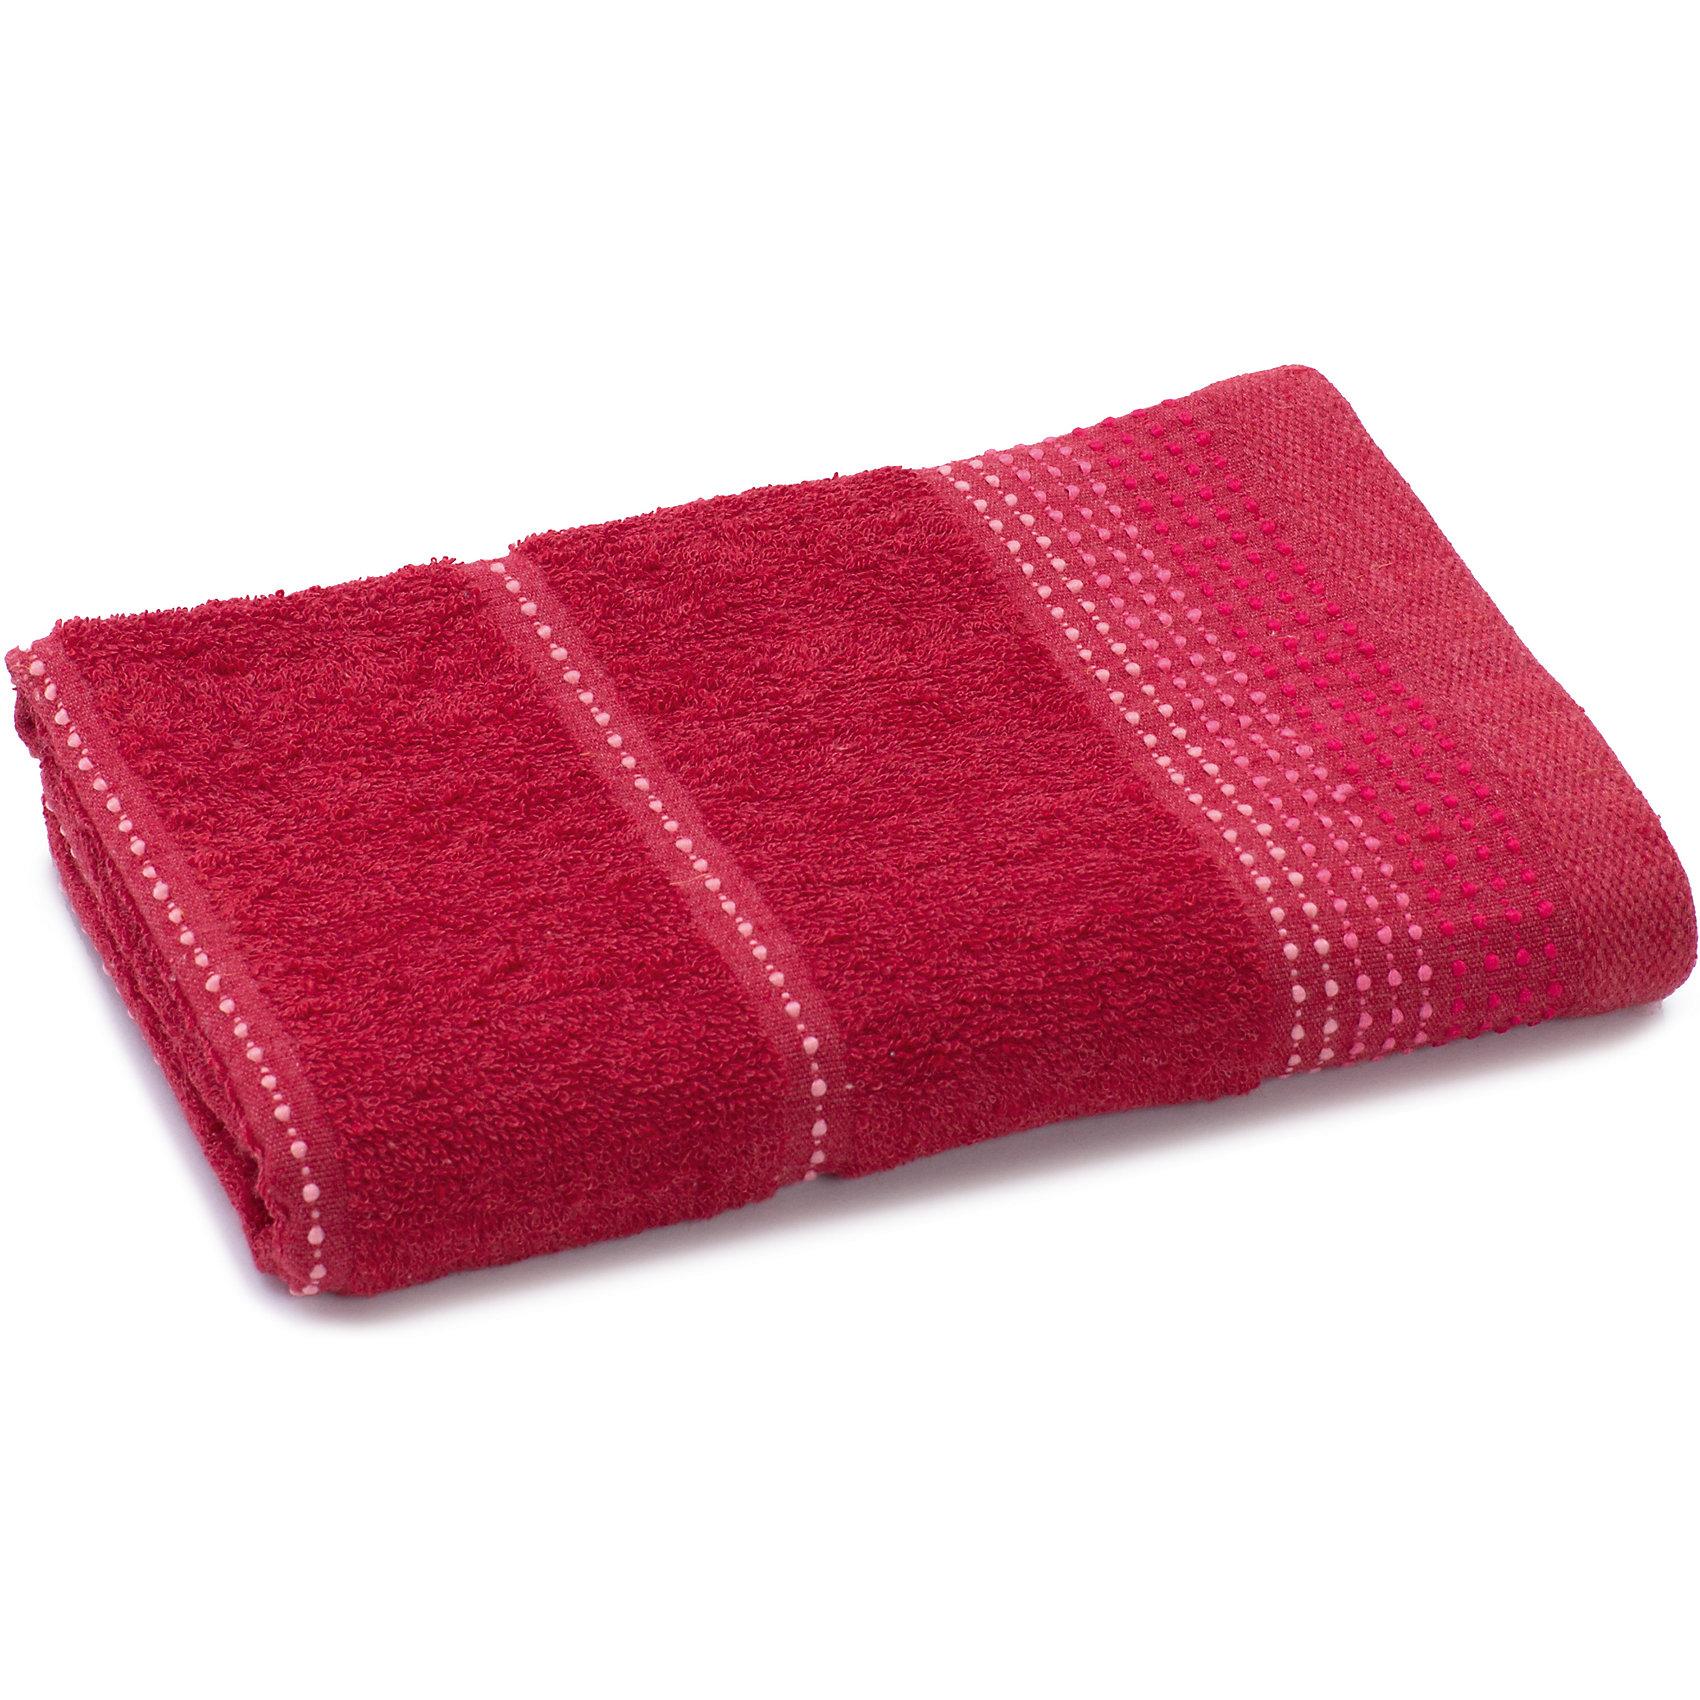 Полотенце махровое Клео 60*130, Любимый дом, малиновыйВанная комната<br>Махровое полотенце Клео очень мягкое и приятное телу. Оно изготовлено из качественного хлопка, отлично впитывает влагу. Полотенце украшено контрастной вышивкой по краю. Отлично впишется в вашу ванную комнату.<br><br>Дополнительная информация:<br>Материал: 100% хлопок<br>Цвет: малиновый<br>Размер: 60х130 см<br>Торговая марка: Любимый дом<br><br>Вы можете приобрести махровое полотенце Клео в нашем интернет-магазине.<br><br>Ширина мм: 500<br>Глубина мм: 500<br>Высота мм: 200<br>Вес г: 300<br>Возраст от месяцев: 0<br>Возраст до месяцев: 144<br>Пол: Унисекс<br>Возраст: Детский<br>SKU: 5010970